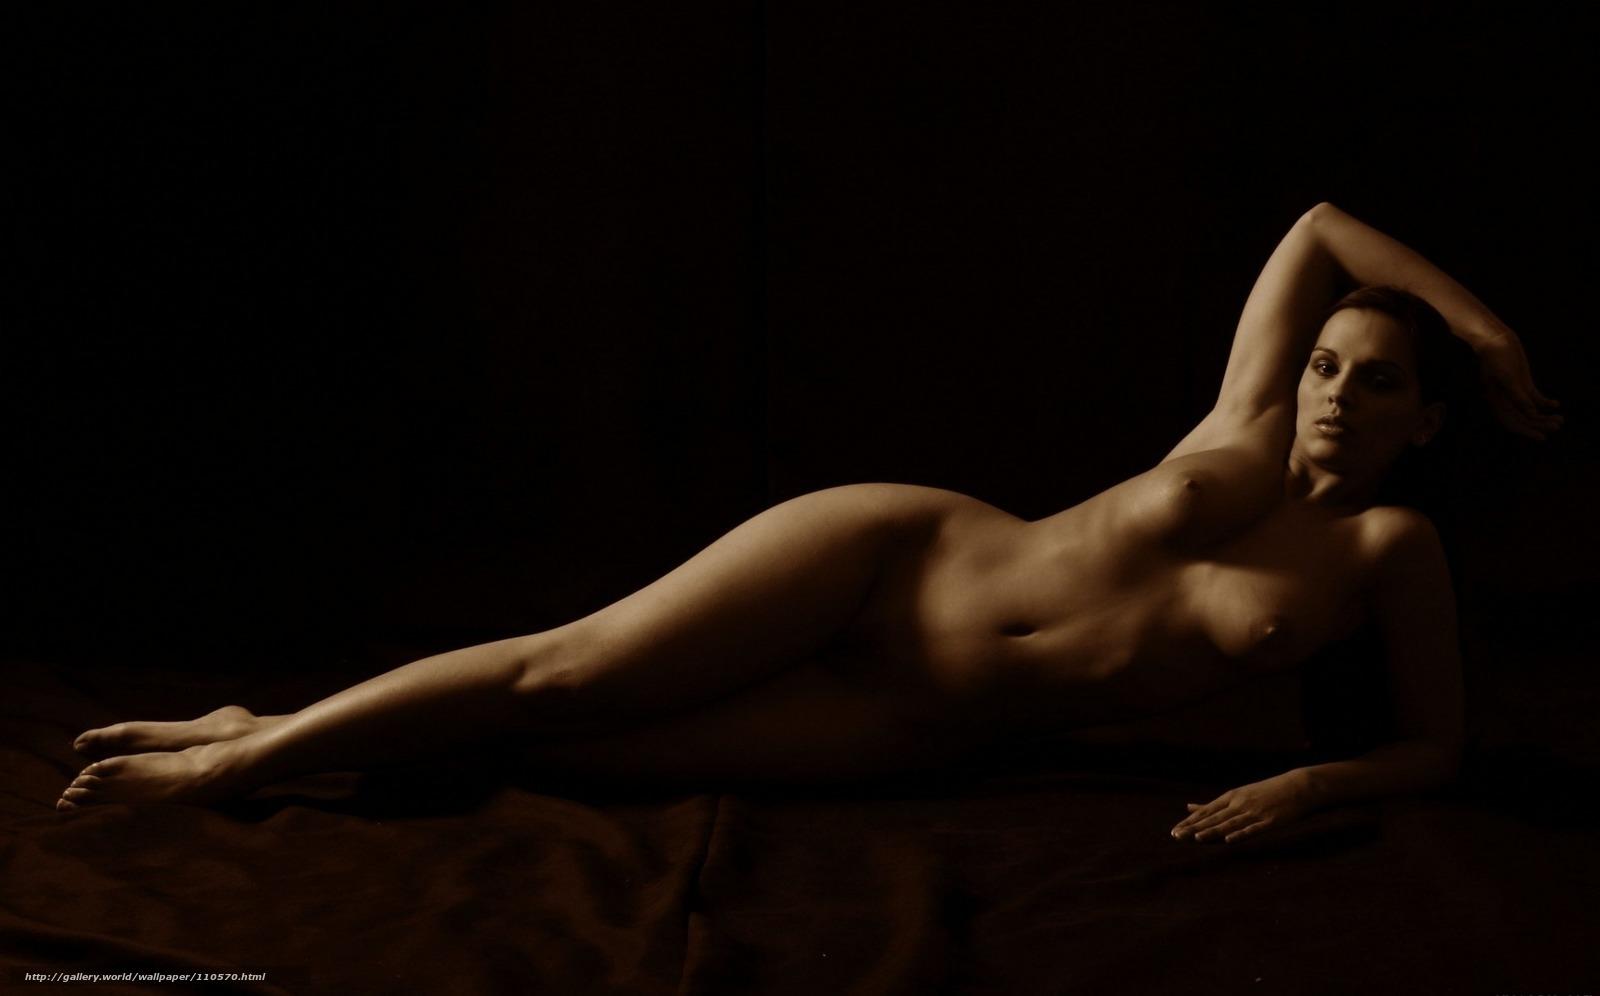 Эротика тело на черном фоне 16 фотография